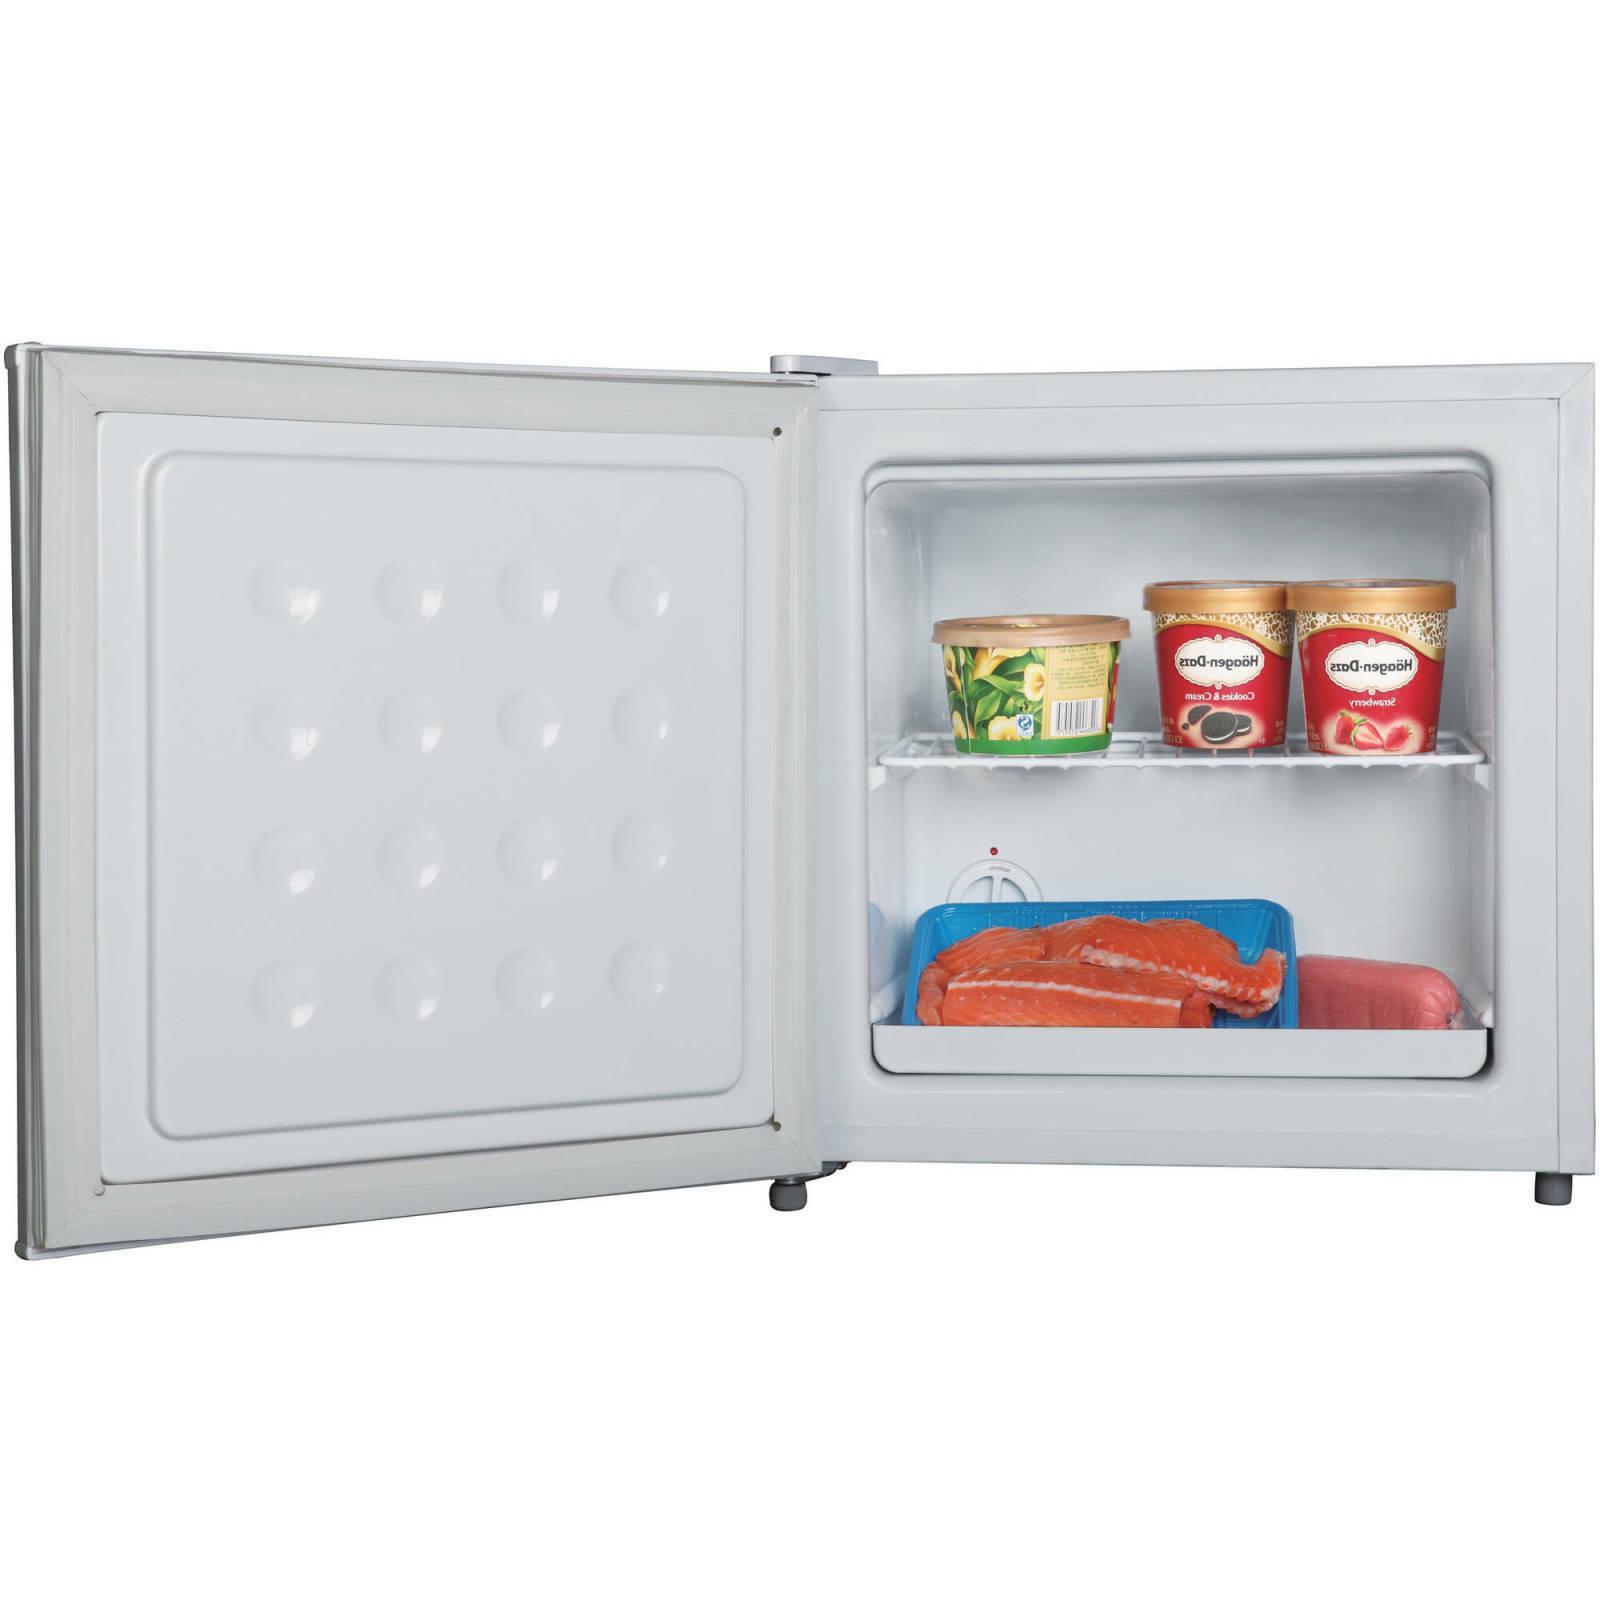 Upright Freezer Unit cu Space Energy White